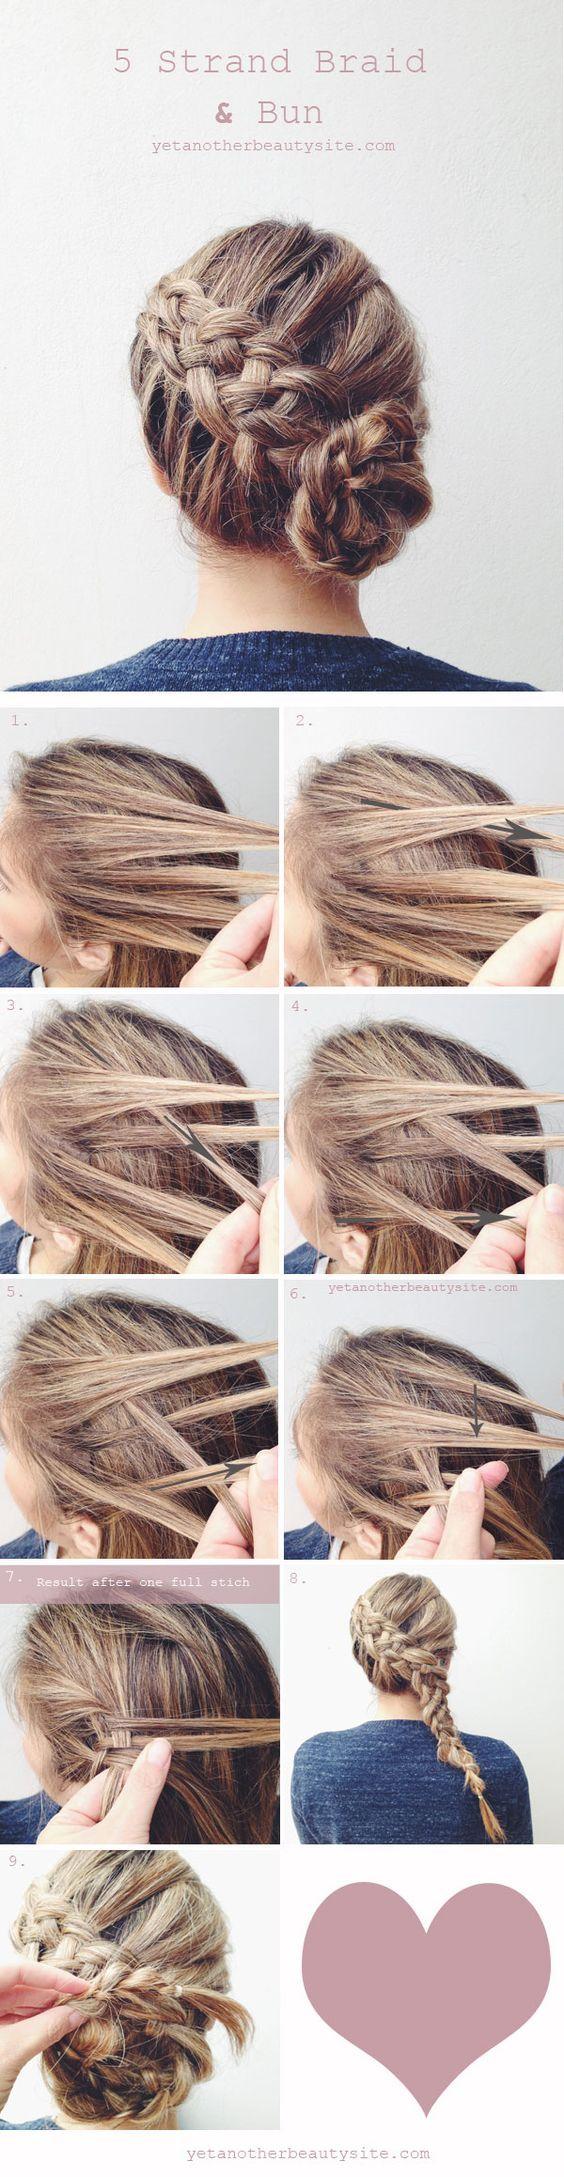 Frisur trauzeugin mittellange haare